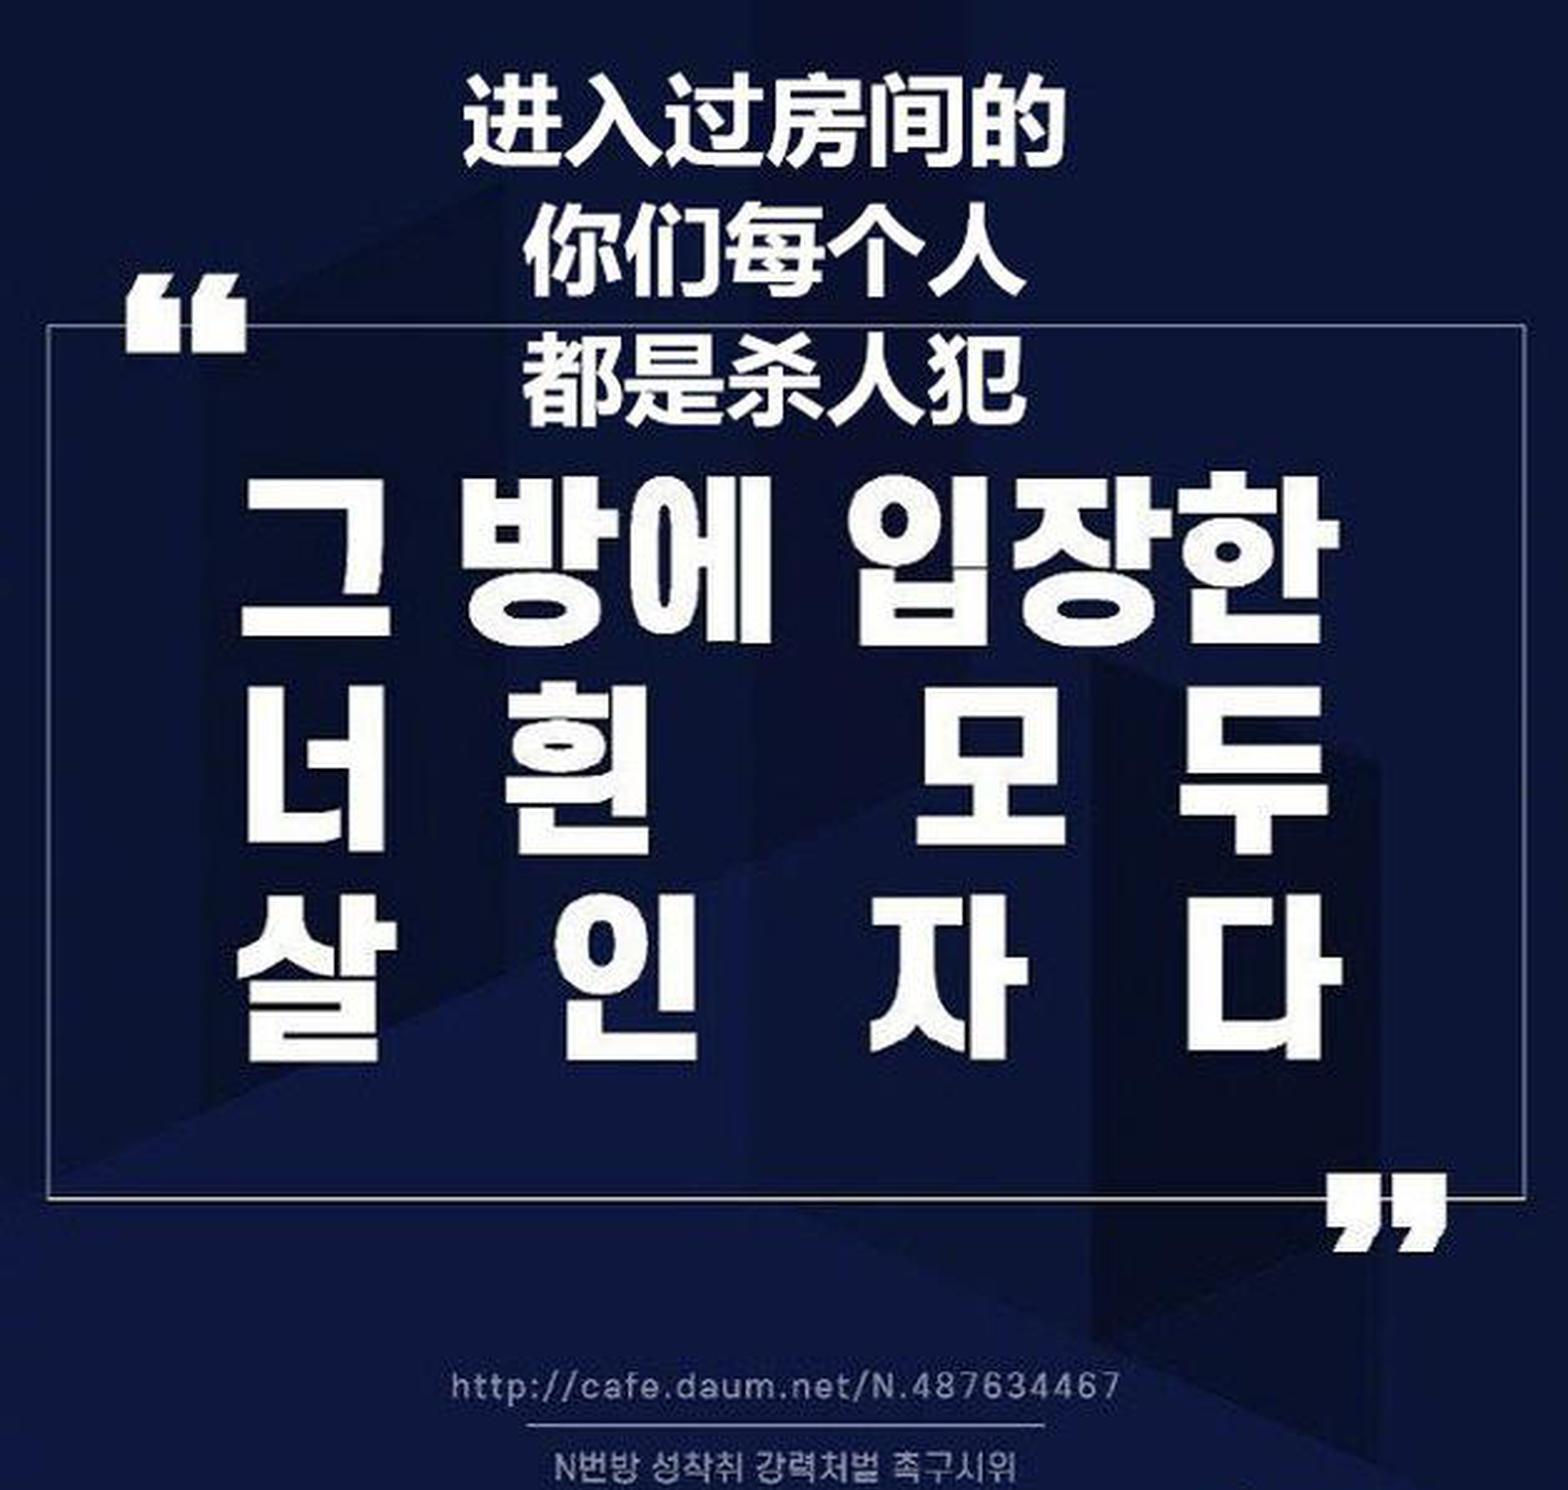 """韩国""""N号房""""事件:74位女性沦为性奴 最小受害者仅11岁!200万人请愿:公开26万会员身份长相"""